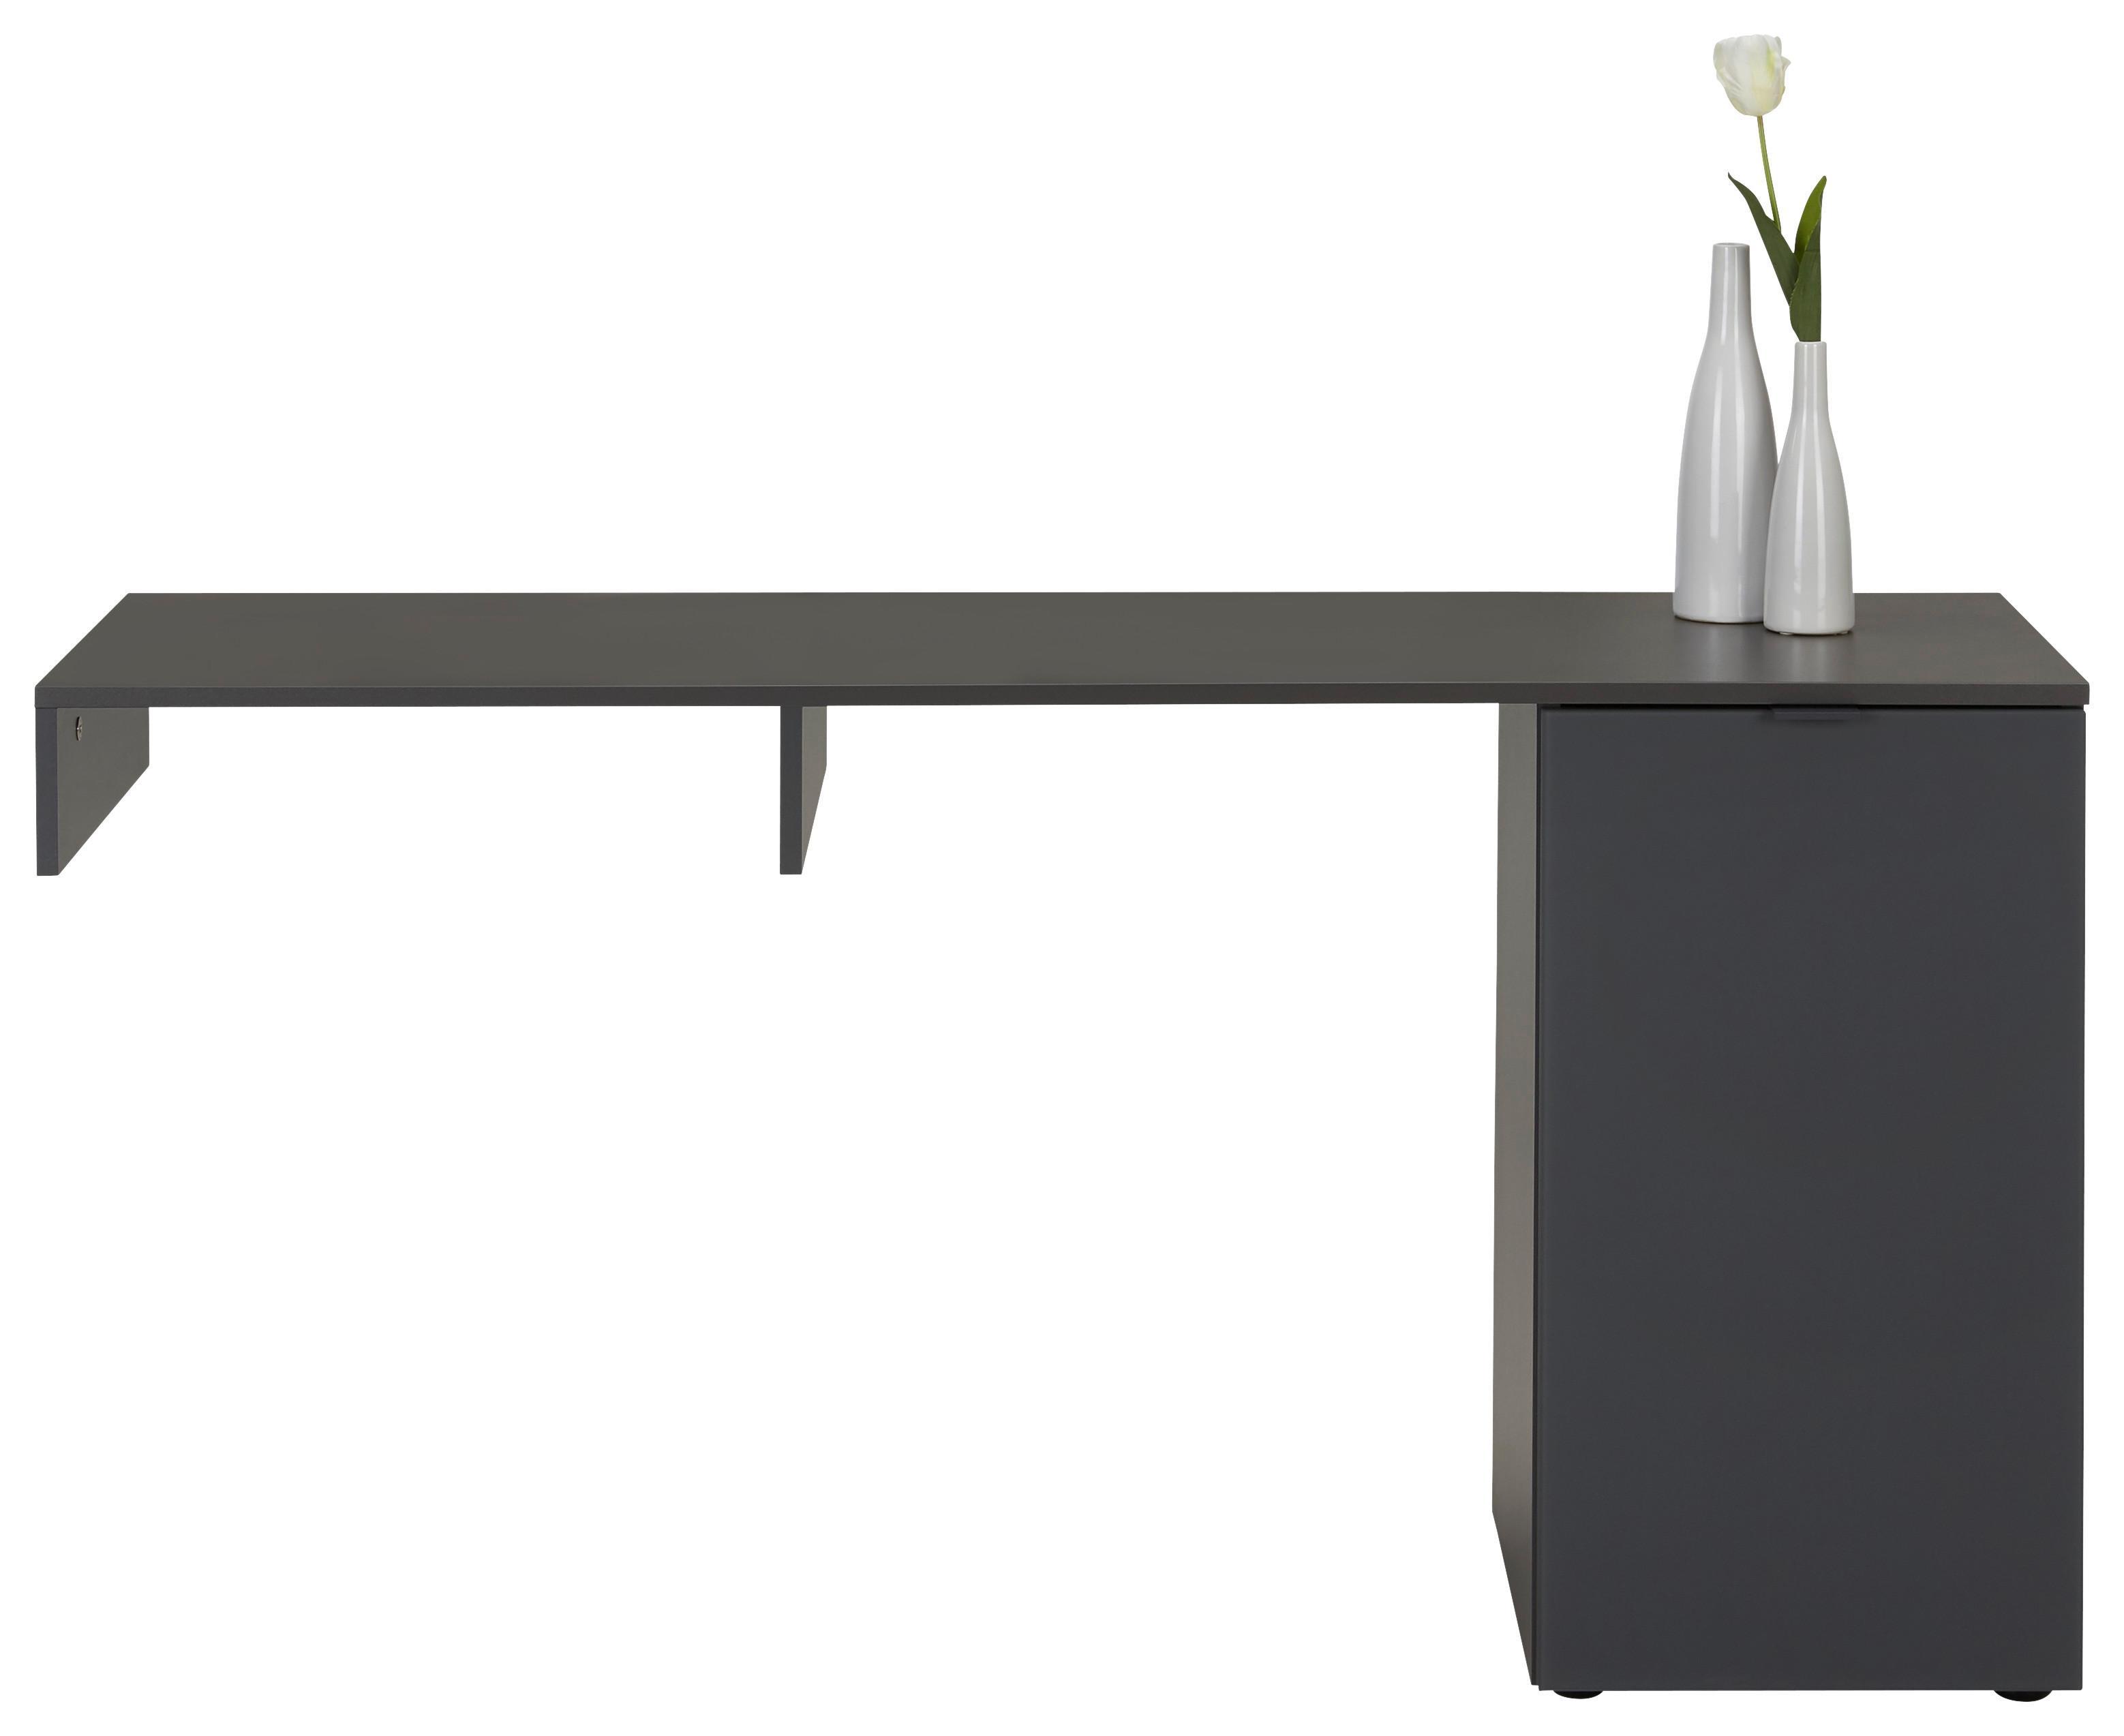 TV-Aufsatz in Graphitfarben | Wohnzimmer > TV-HiFi-Möbel | Premium Living